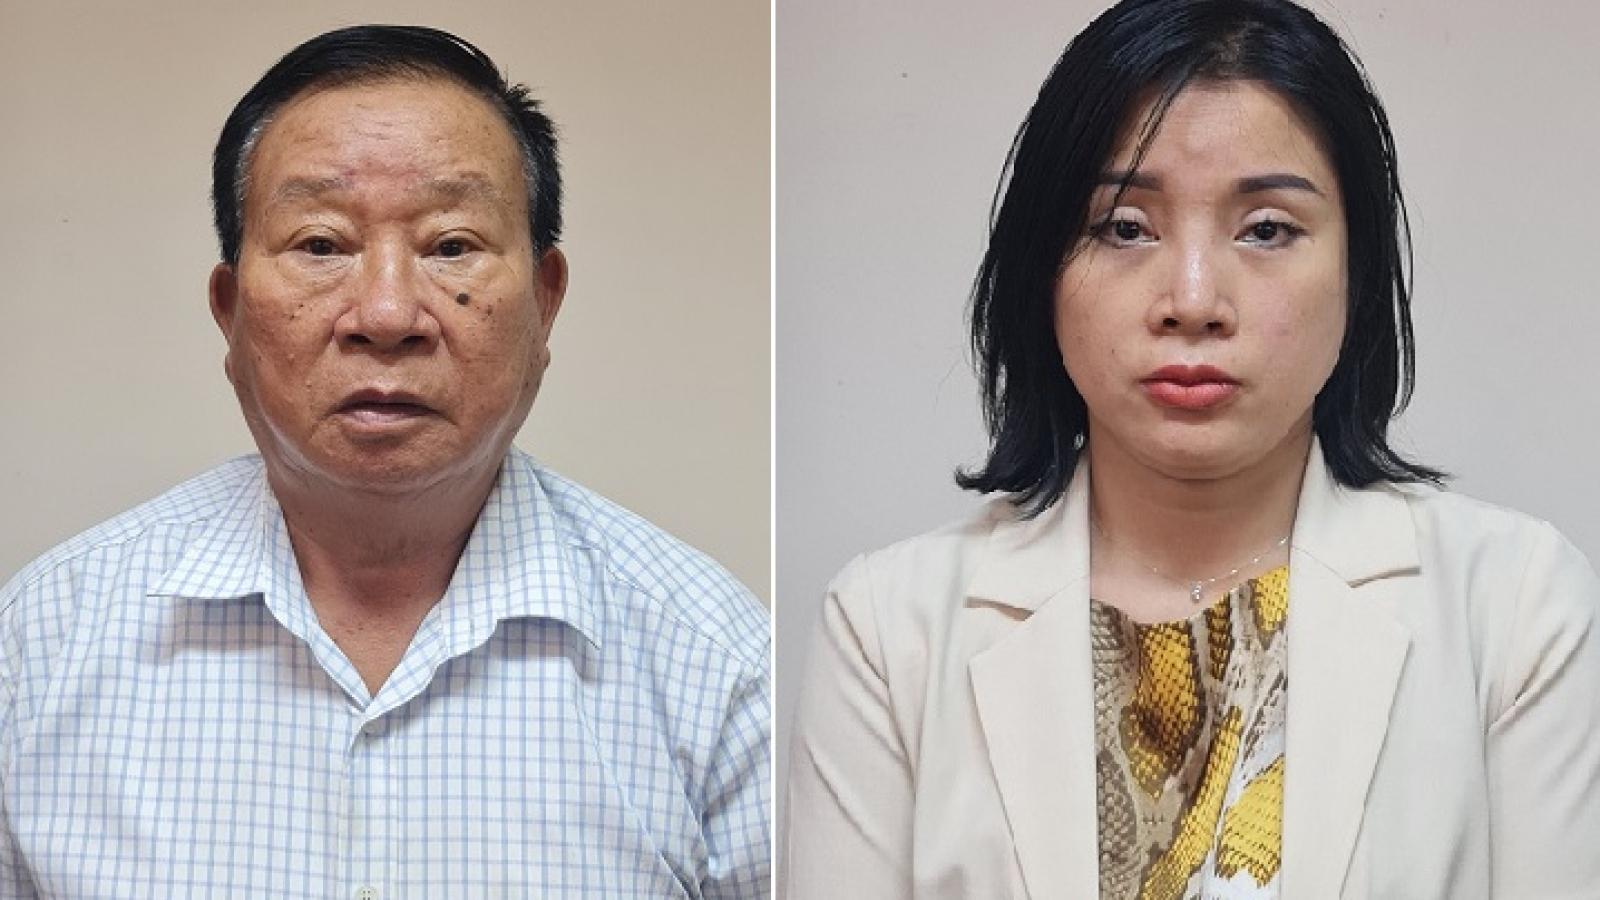 Vụ án vi phạm đấu thầu tại Bệnh viện Tim Hà Nội: Bắt giám đốc và kế toán trưởng